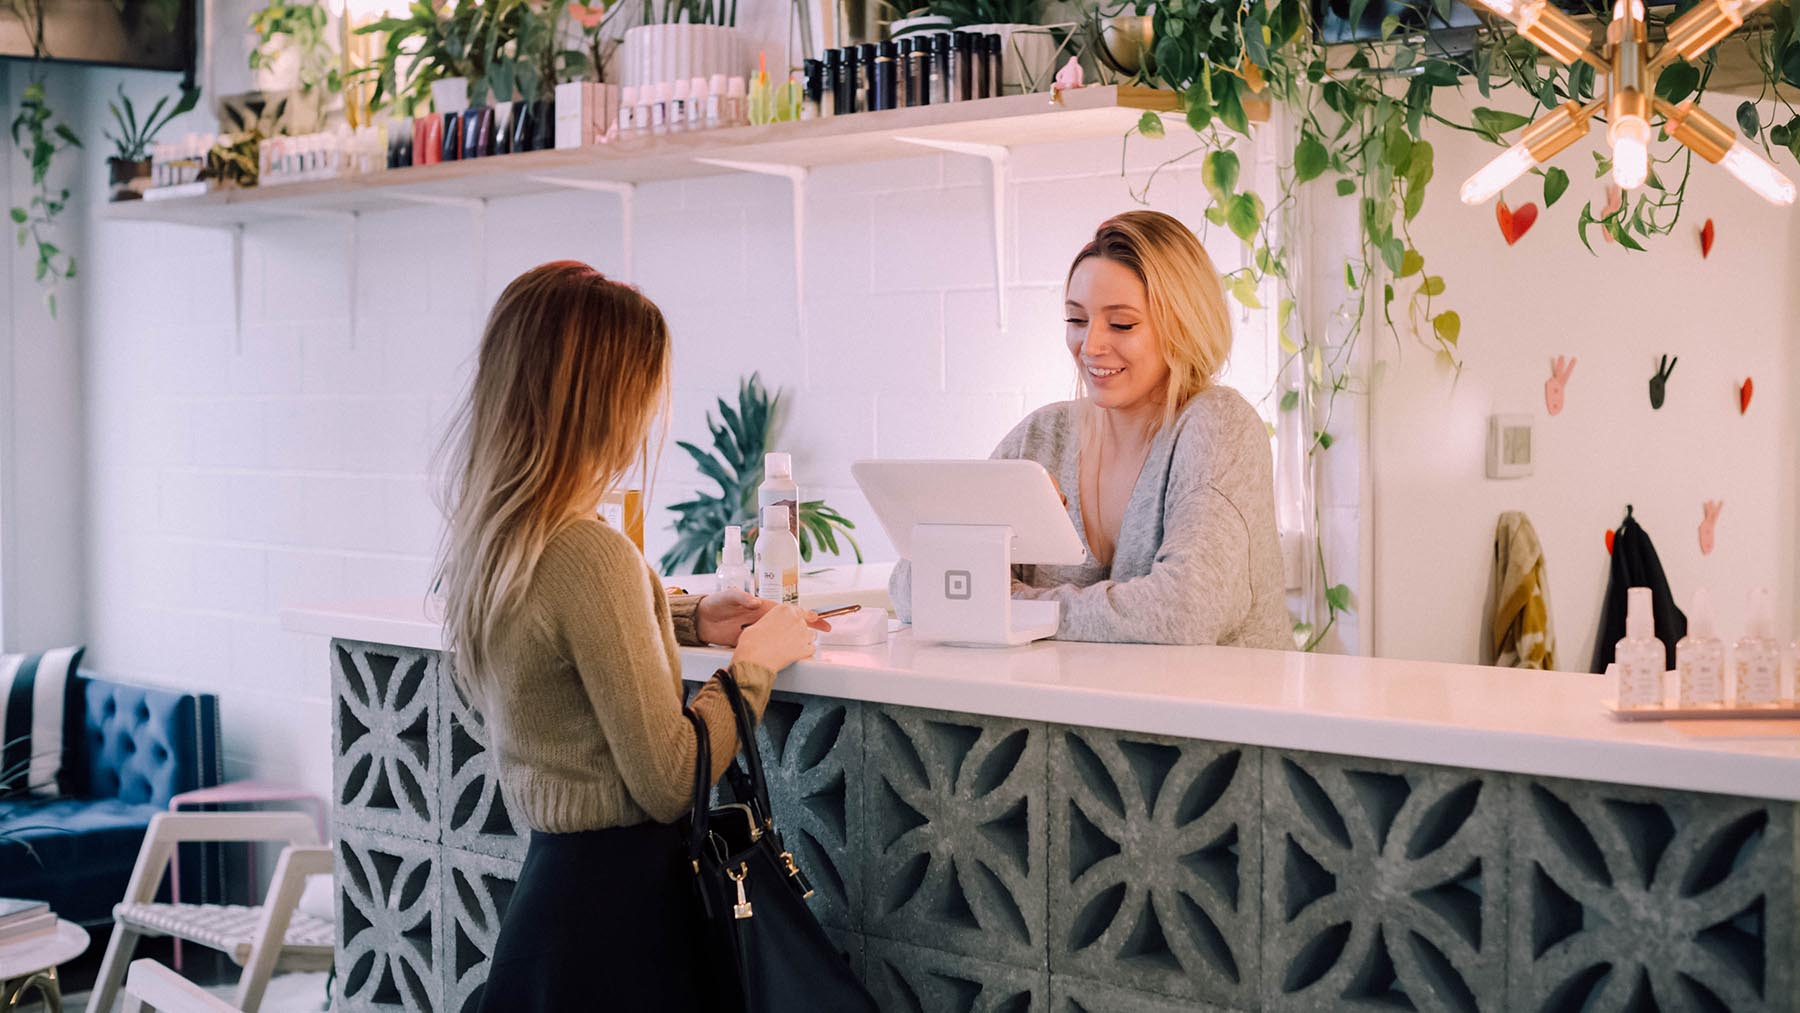 En kvinna betalar vid disken i en mindre butik.